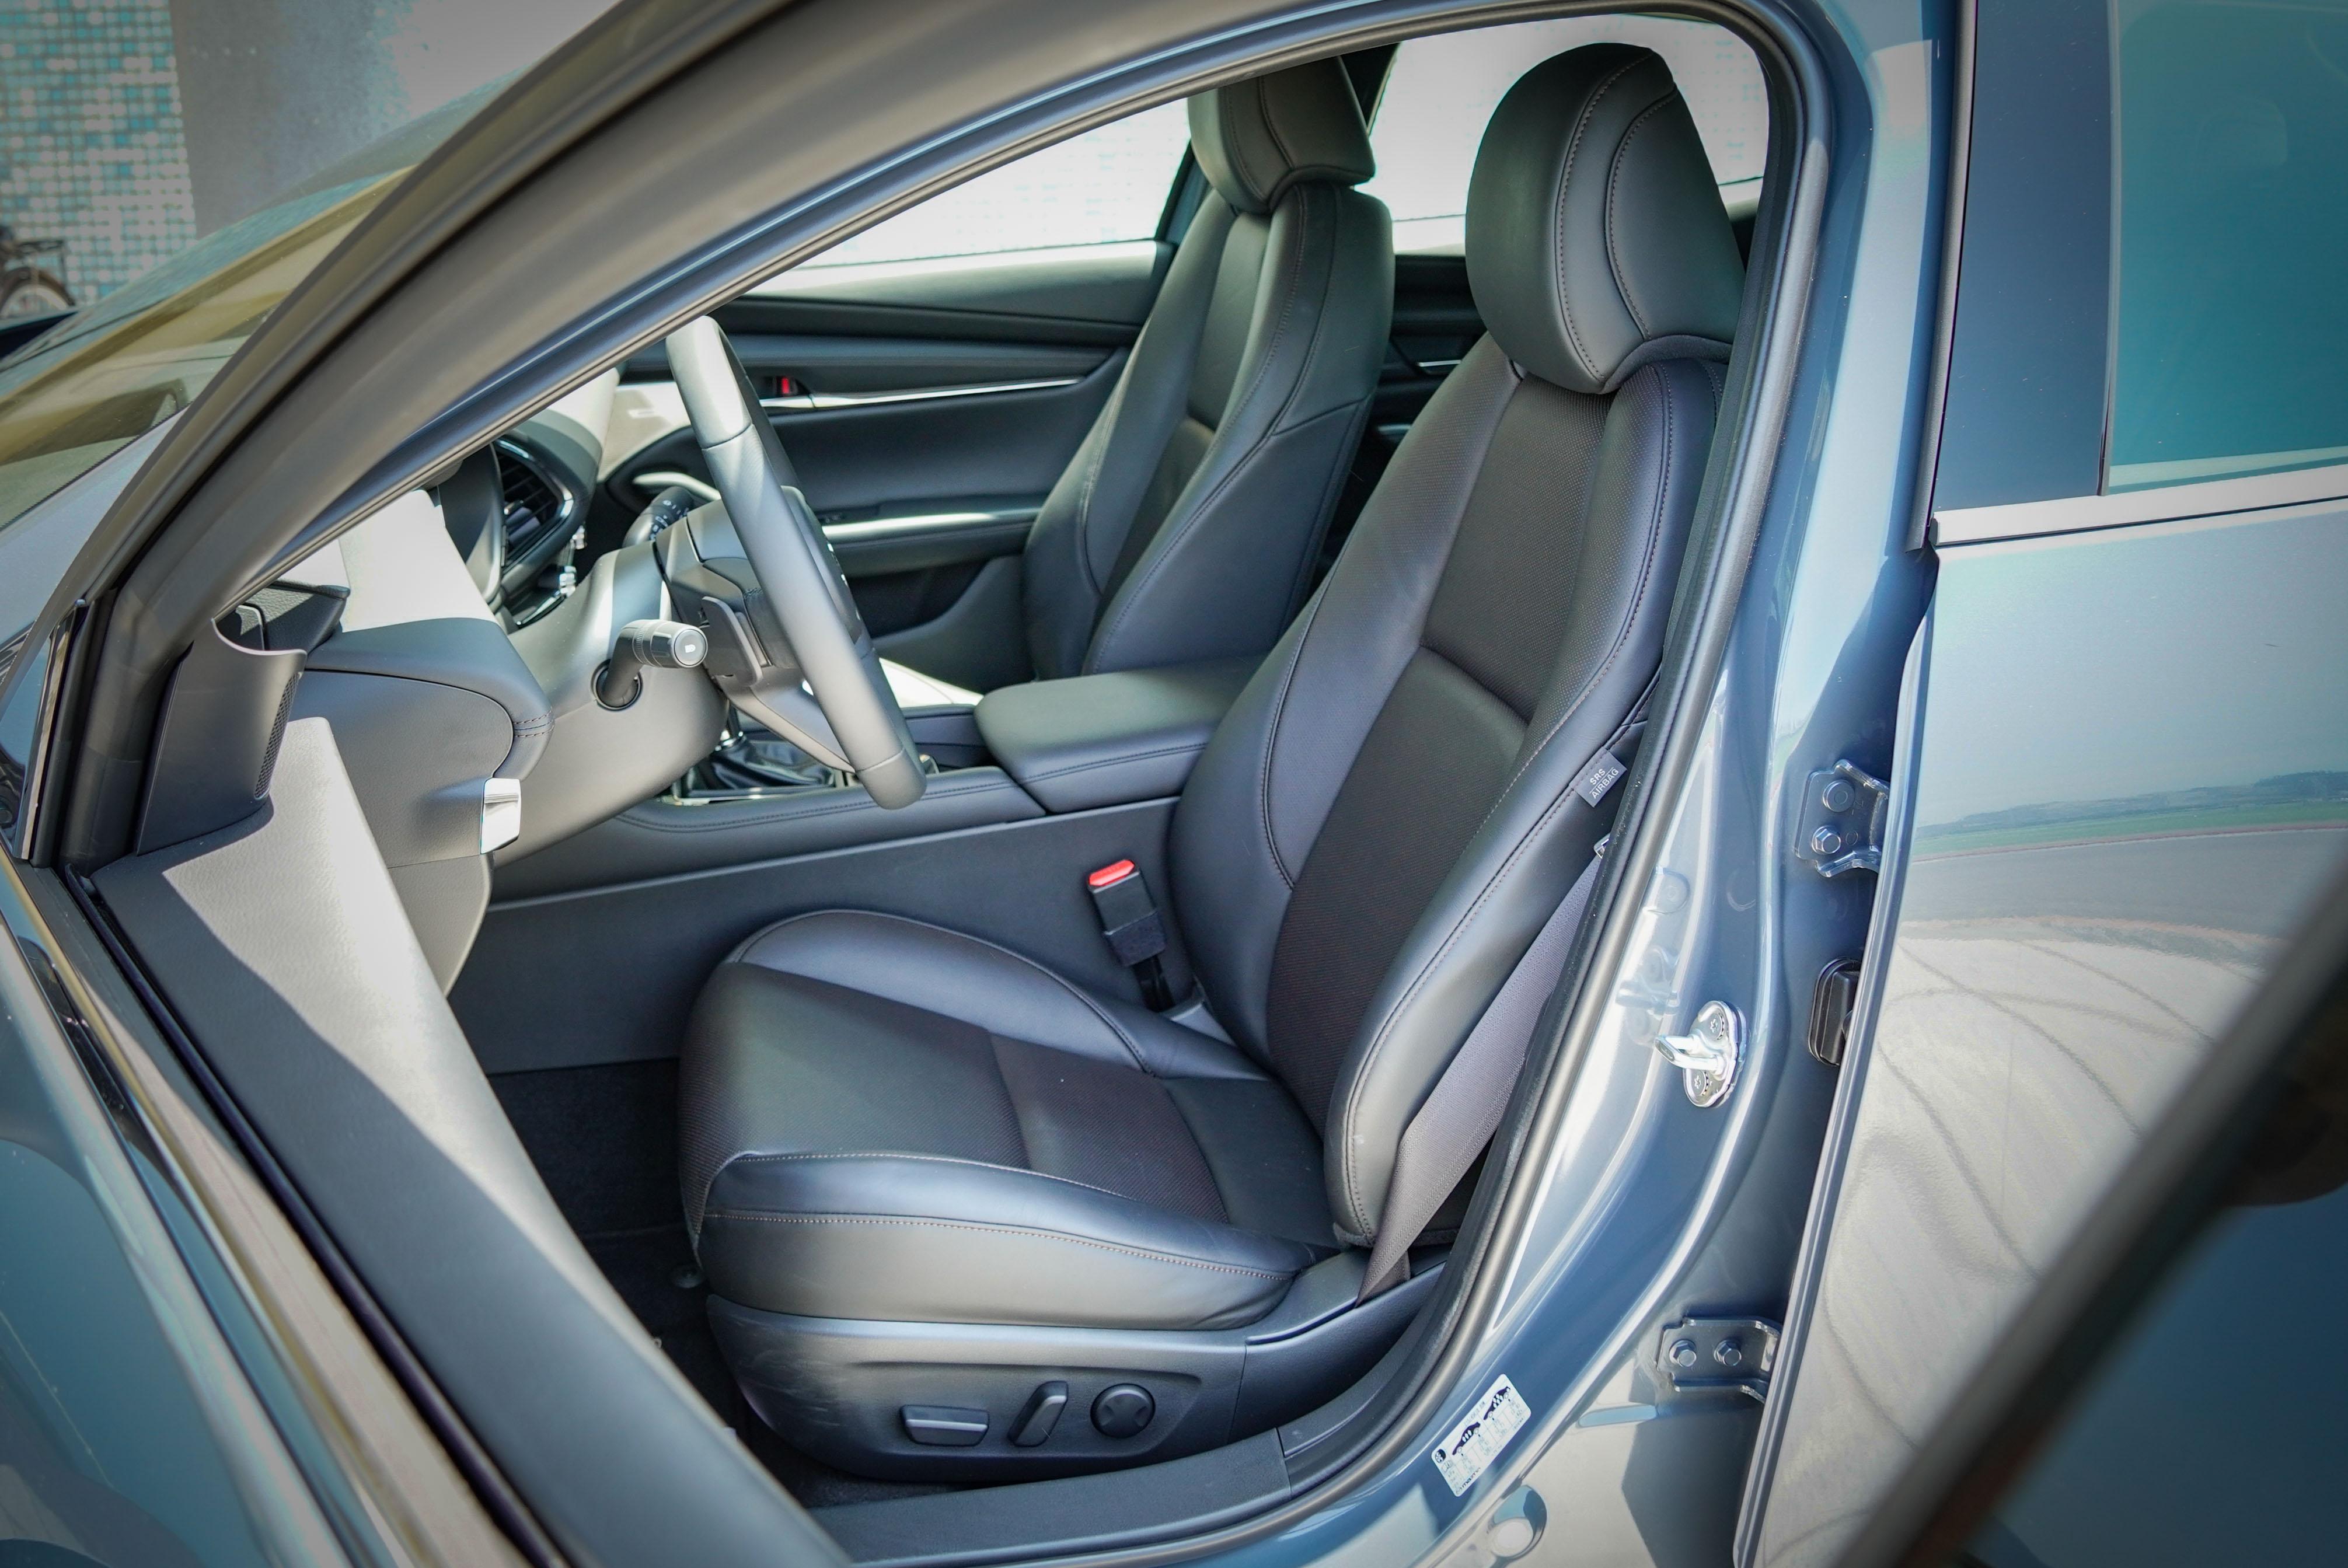 旗艦進化型標配真皮座椅、駕駛座八向電動調整附電動腰靠、記憶功能。不過副駕駛座維持手動調整。